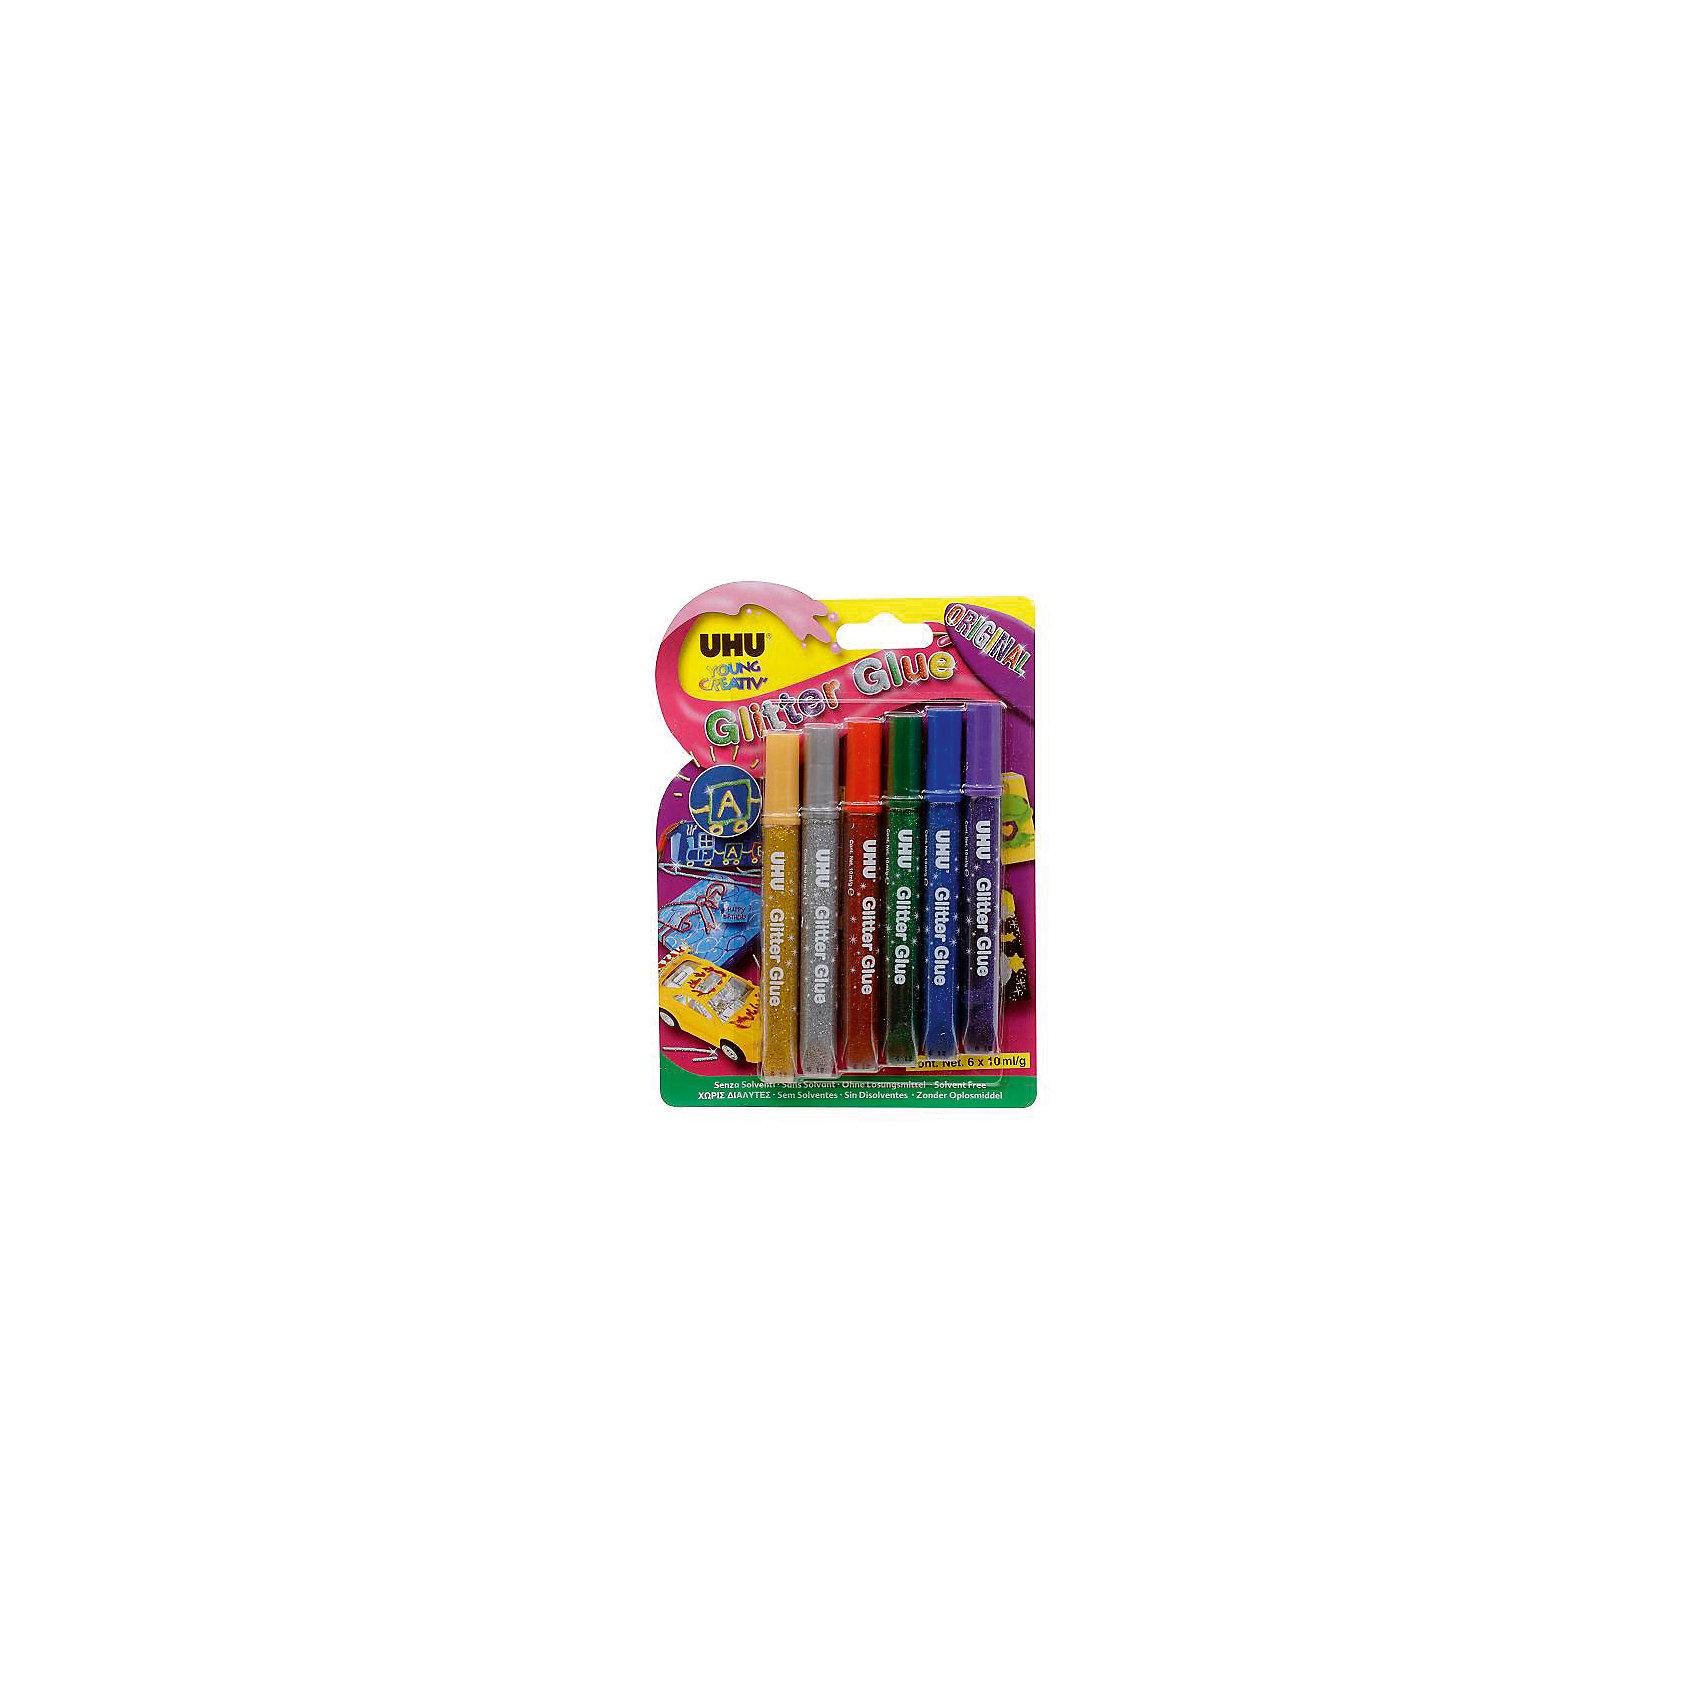 Клеящие блестки 6*10мл GLITTER GLUEПринадлежности для творчества<br>Характеристики:<br><br>• возраст: от 3 лет<br>• в наборе: 6 тюбиков по 10 мл.<br>• упаковка: блистер<br>• размер упаковки: 19х13,5х1,5 см.<br><br>Разноцветные клеящие блёстки предназначены для декорирования украшений с эффектом блеска на различных поверхностях. Идеально подходят для декорирования различных предметов в домашних условиях. Очень мягкий тюбик с тонким наконечником облегчает точное дозирование. Клеящие блестки не стекают и не образуют нитей.<br><br>Клеящие блестки 6*10мл GLITTER GLUE можно купить в нашем интернет-магазине.<br><br>Ширина мм: 190<br>Глубина мм: 15<br>Высота мм: 135<br>Вес г: 65<br>Возраст от месяцев: 36<br>Возраст до месяцев: 2147483647<br>Пол: Унисекс<br>Возраст: Детский<br>SKU: 6873790